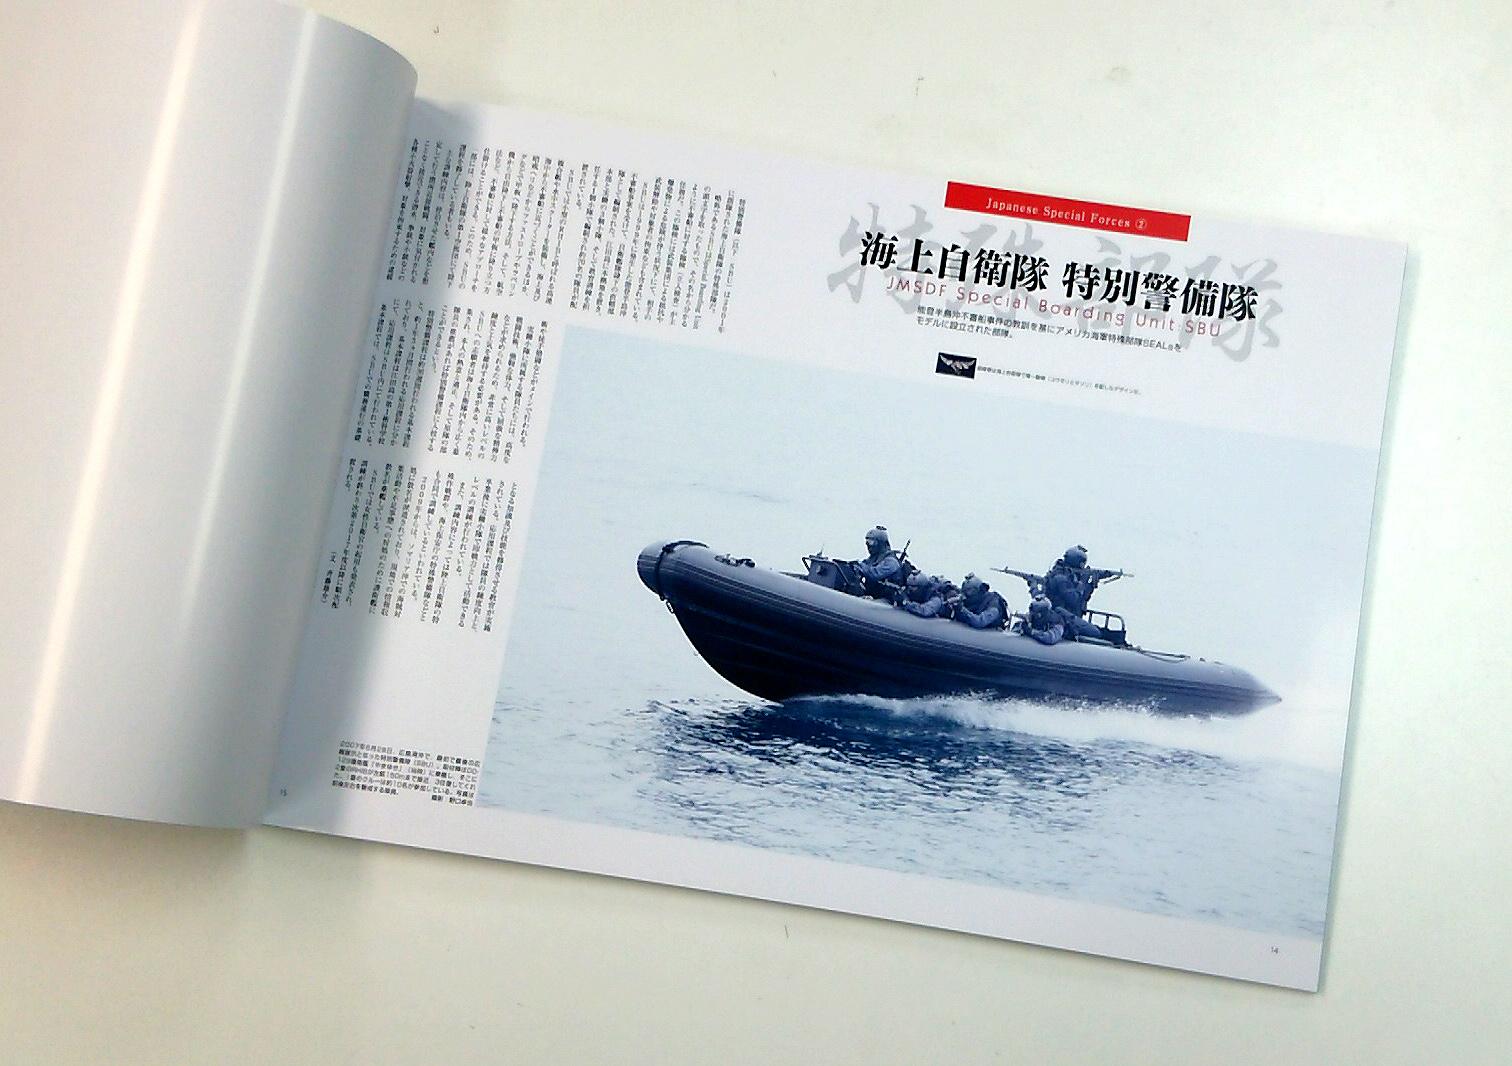 まさしく美術書のようなクオリティで「日本の特殊部隊」の美しき勇姿を存分にご堪能ください!